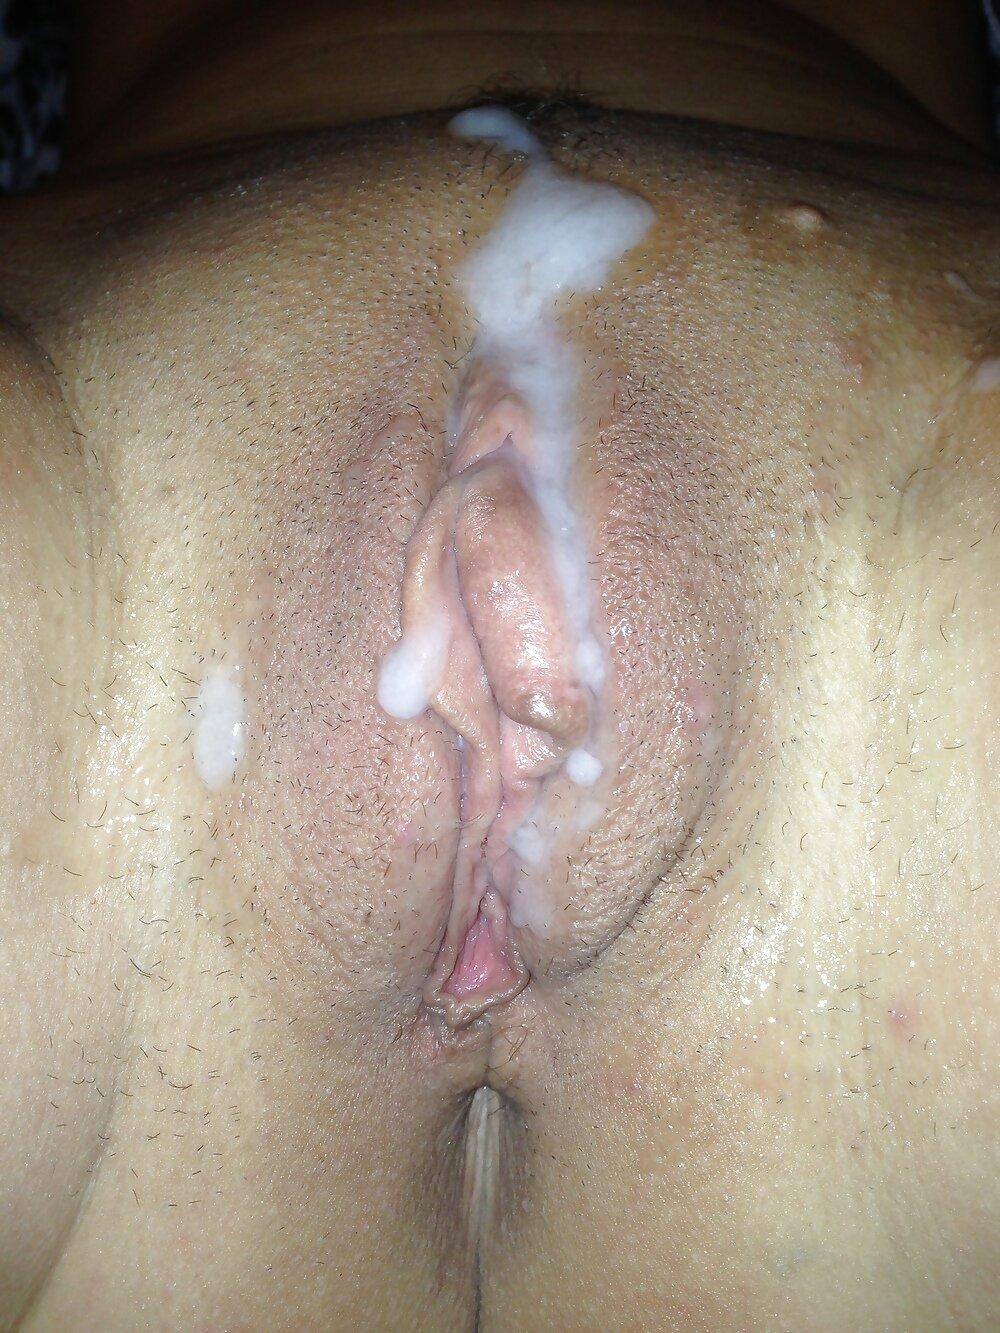 Сперма на лобке фото